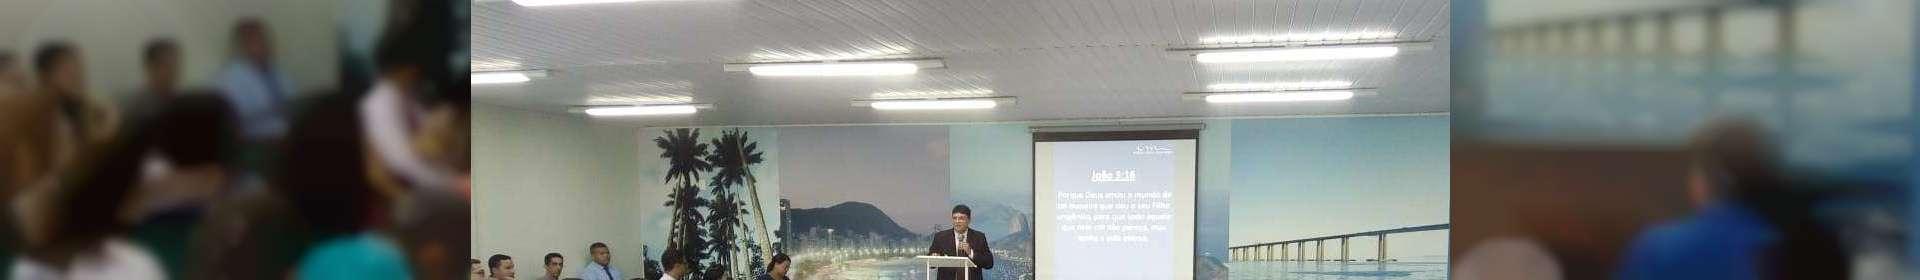 Igreja Cristã Maranata realiza culto de glorificação em Companhia de Saneamento